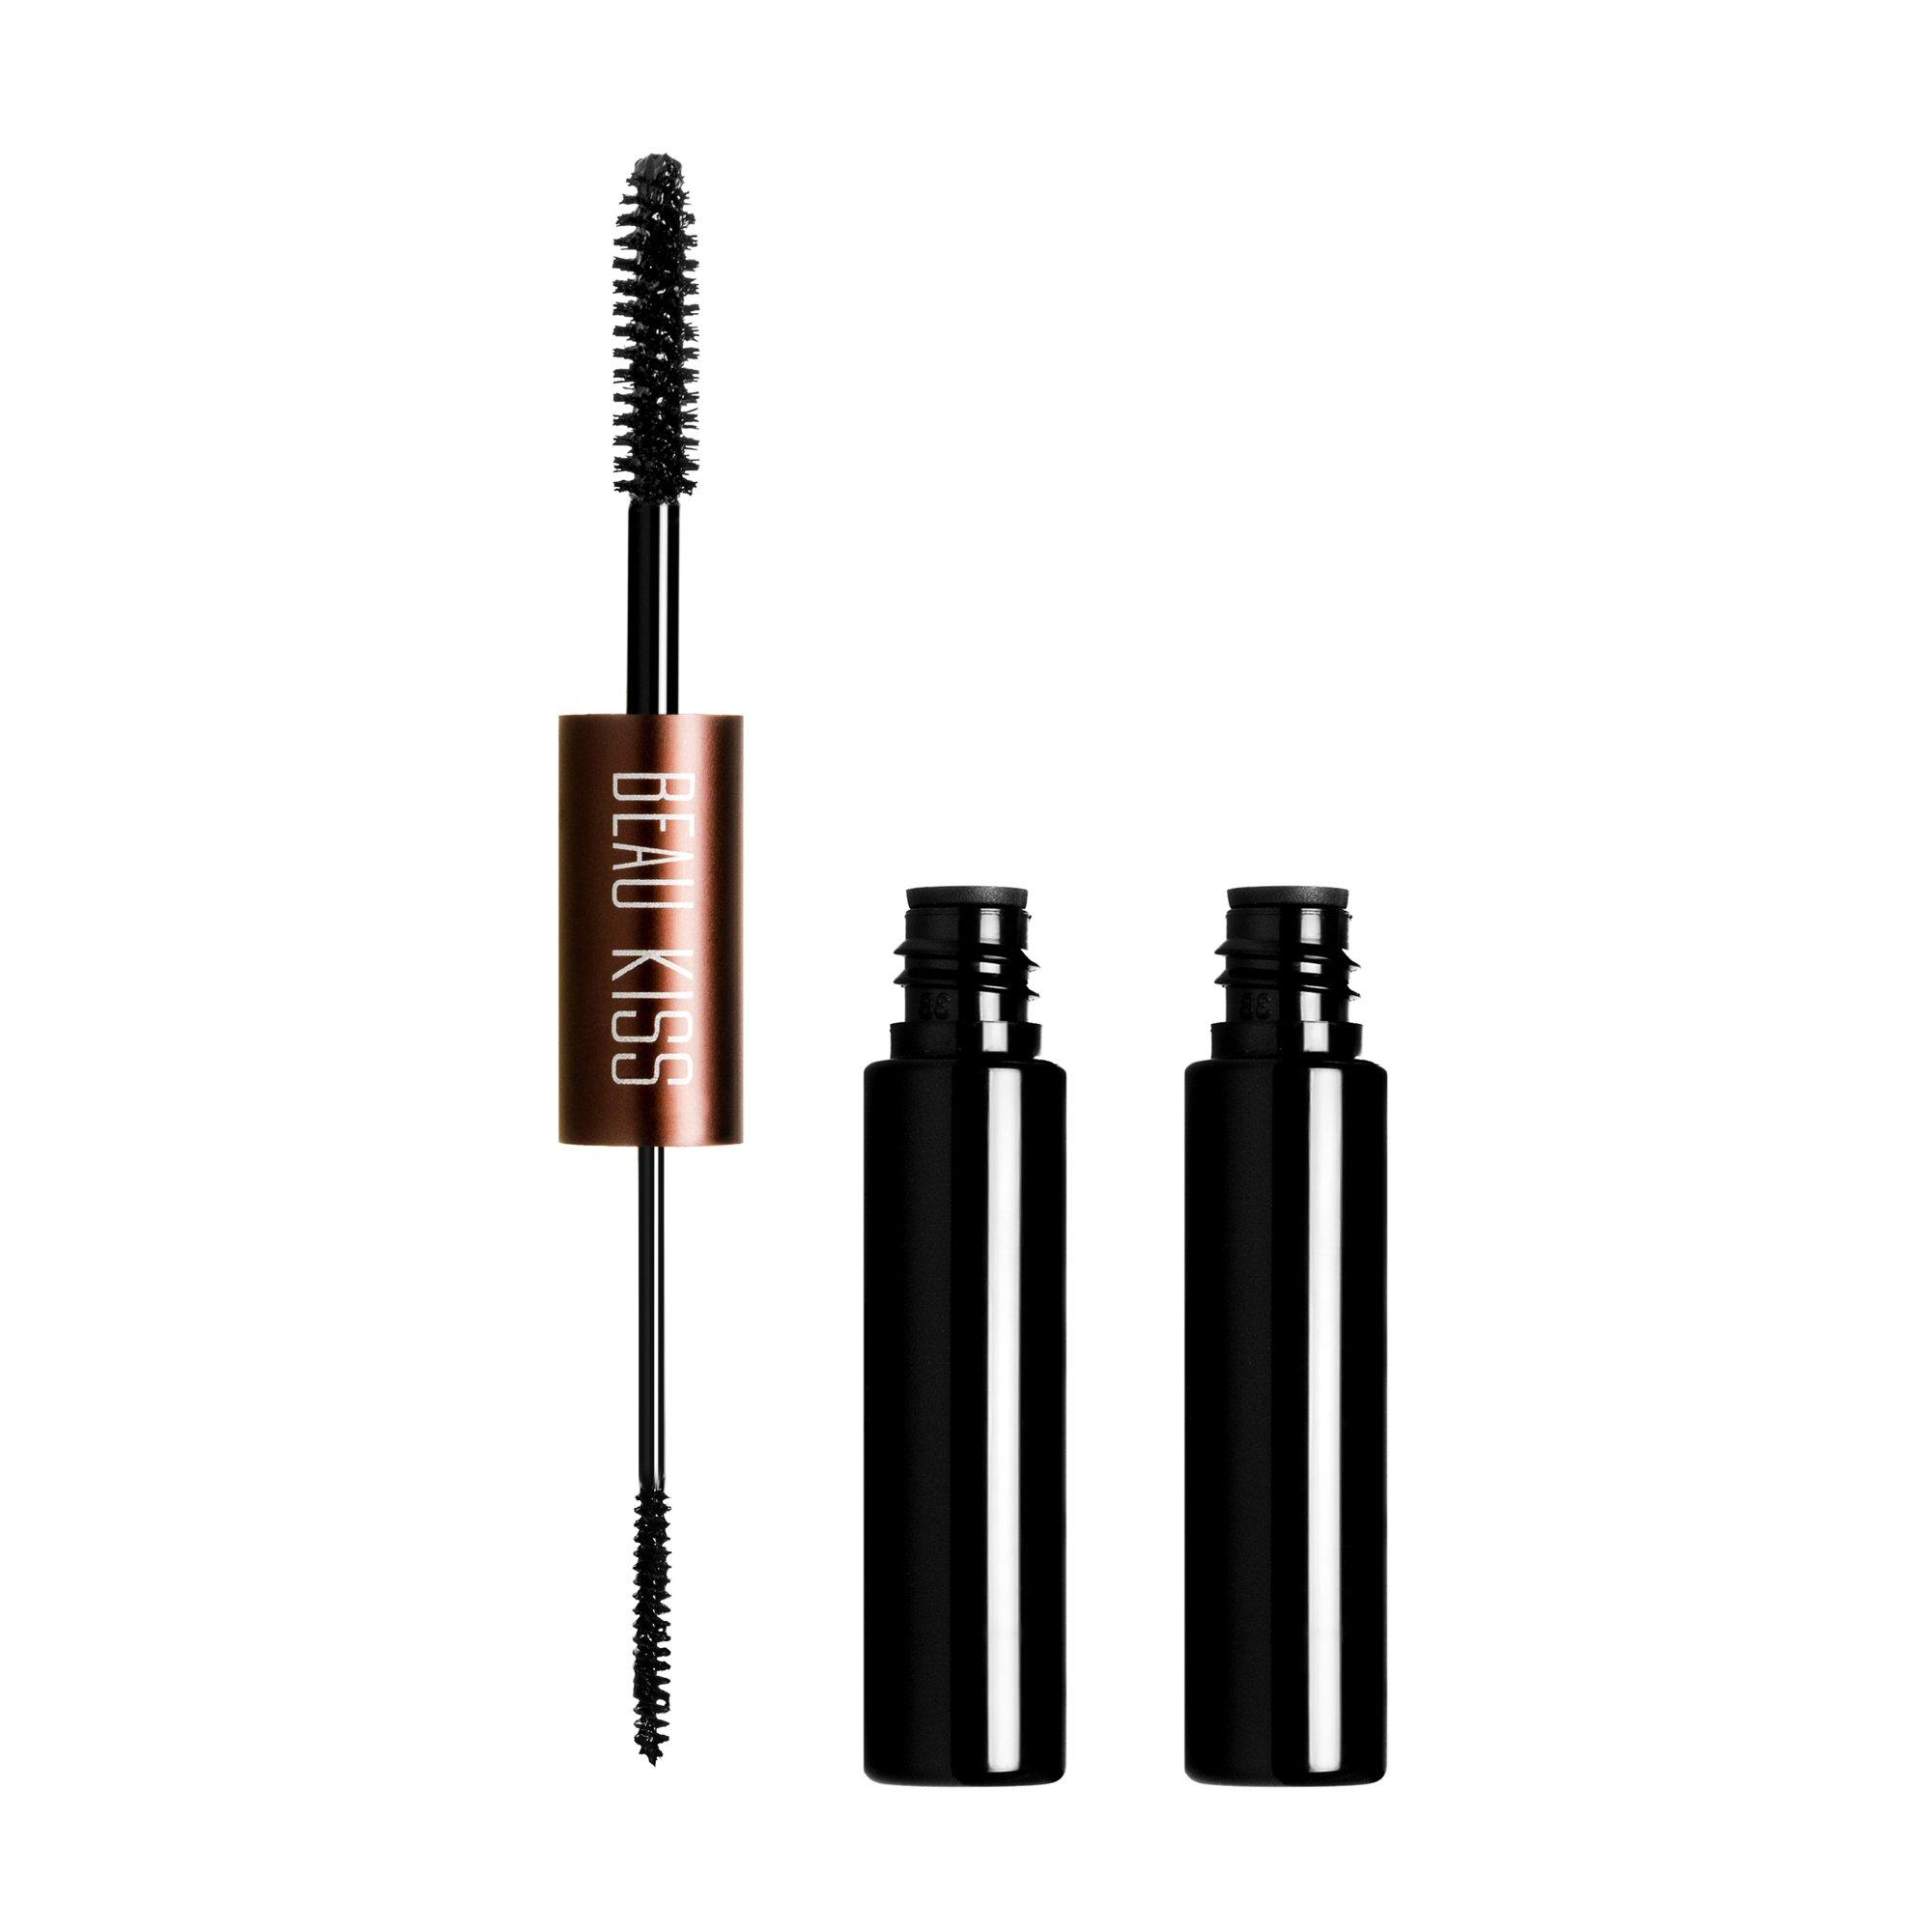 Beau Kiss Magic Eyelash Double Tube Mascara, False Lash Like Effect, Longer-Looking Nourished Lashes, Black - 0.15 Fl Oz (4.5ml)